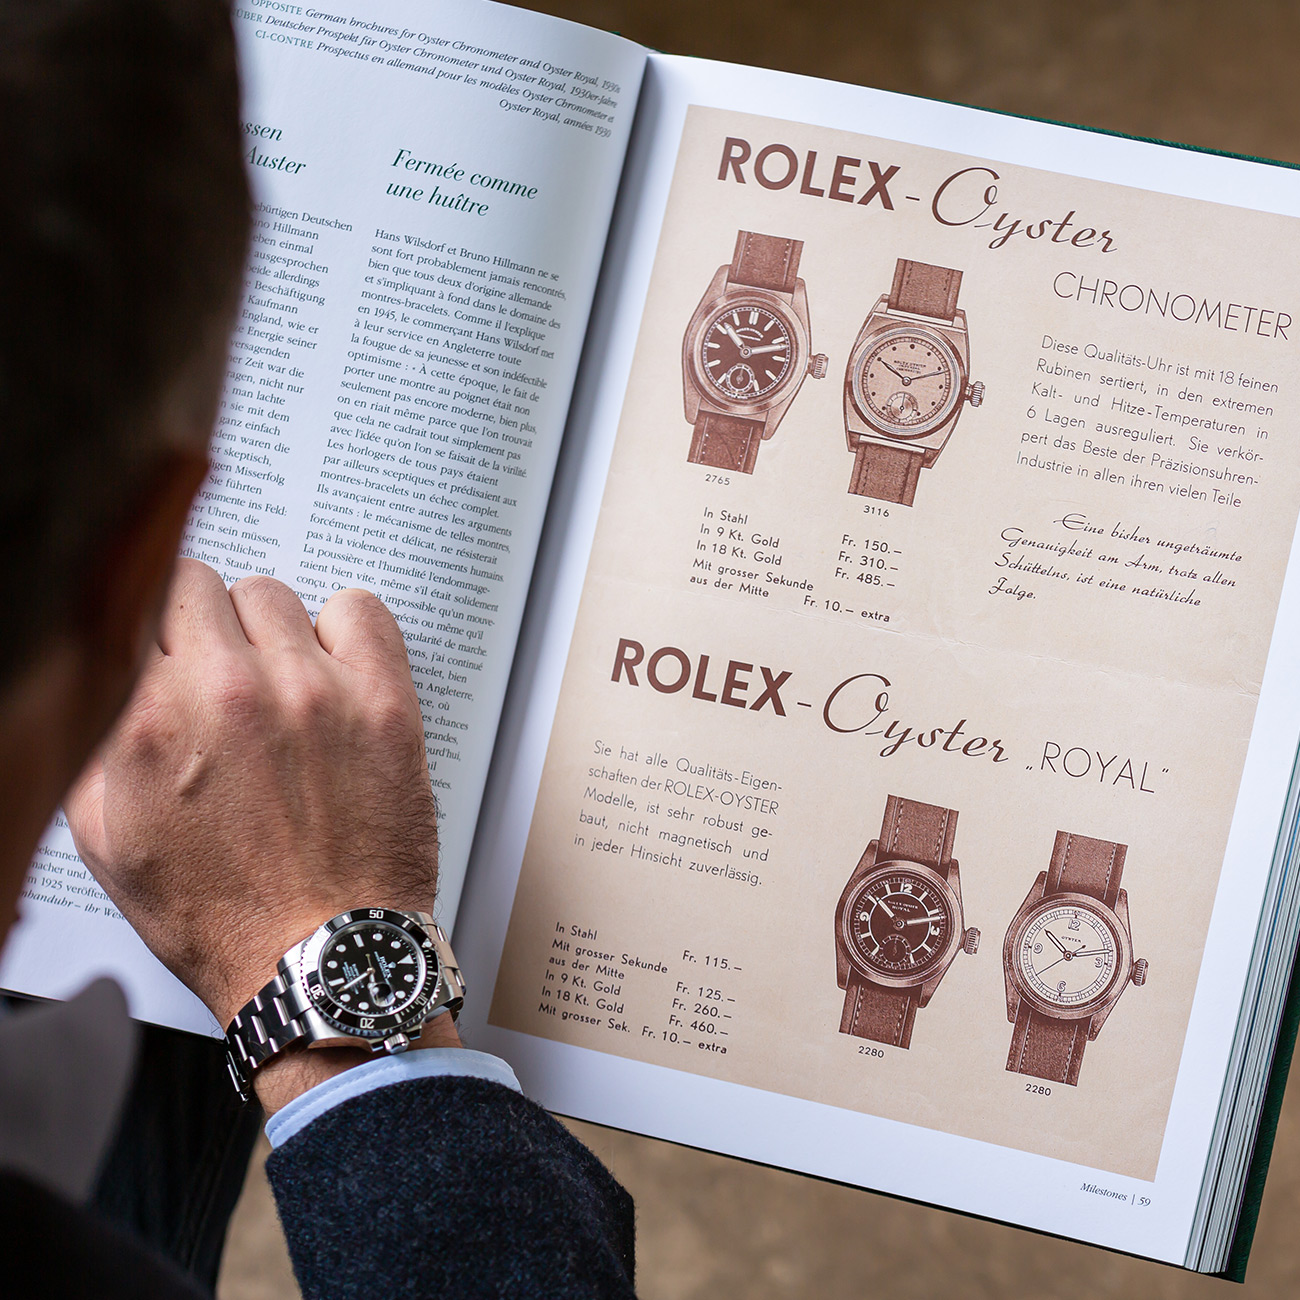 The Watch Book Rolex - Gisbert L. Brunner